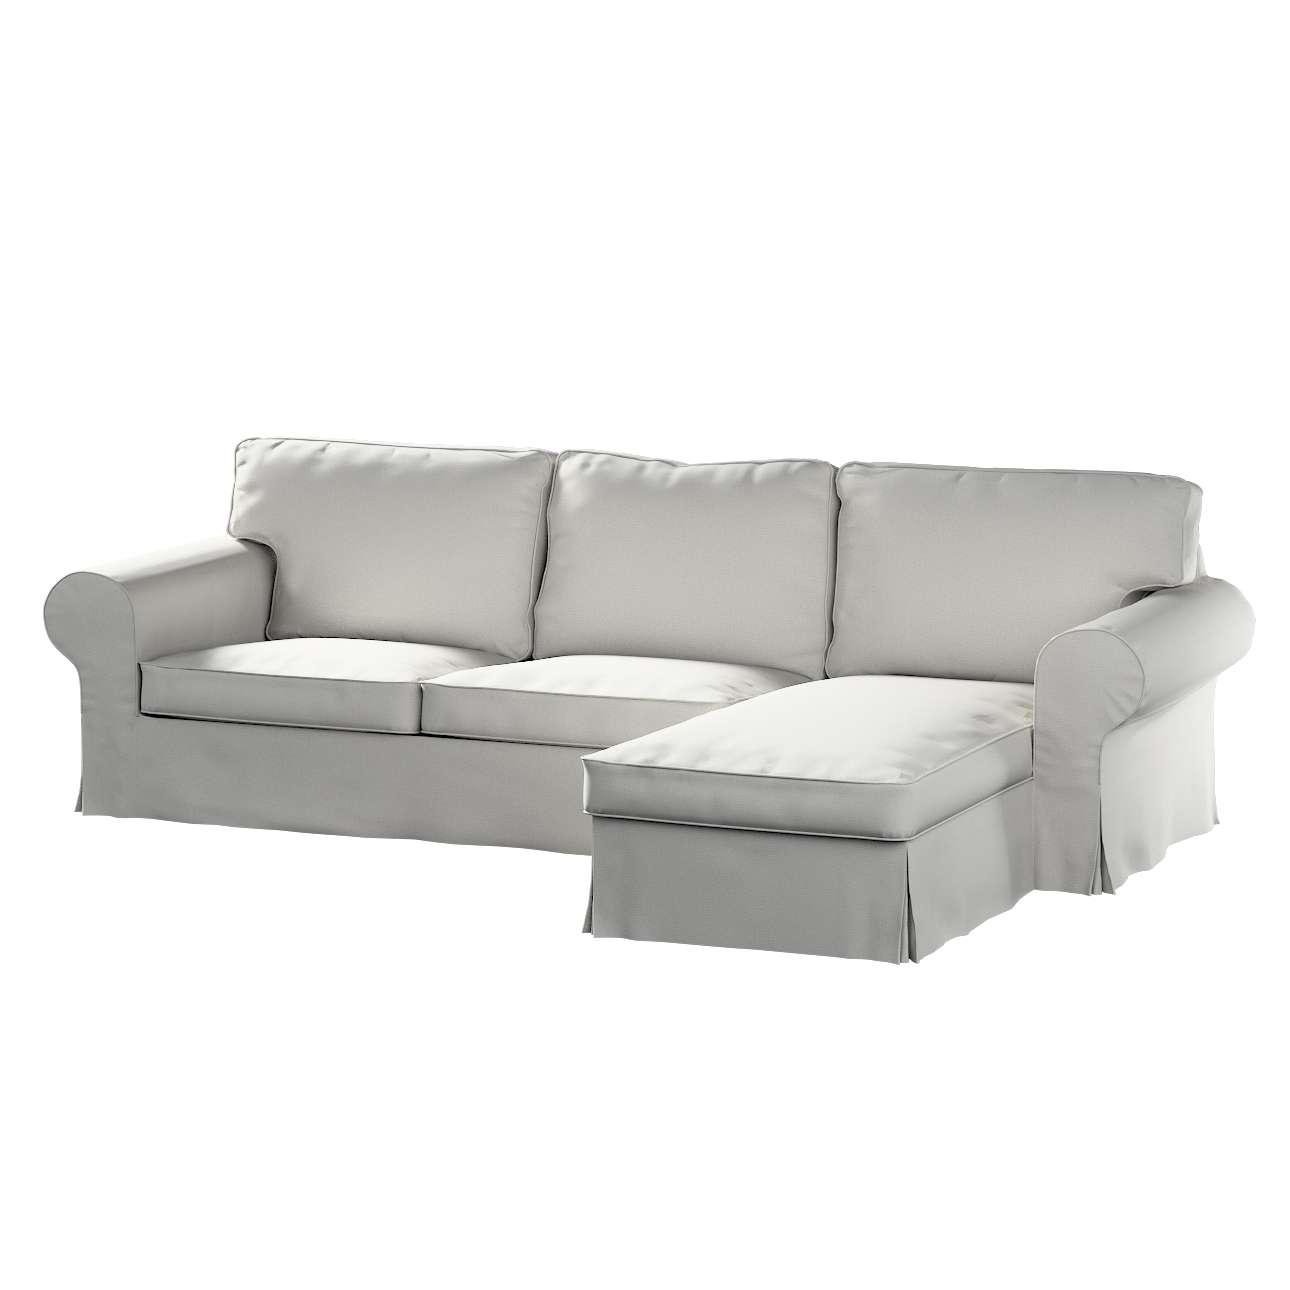 Ektorp dvivietės sofos su gulimuoju krėslu užvalkalas Ikea Ektorp dvivietės sofos su gulimuoju krėslu užvalkalas kolekcijoje Etna , audinys: 705-90